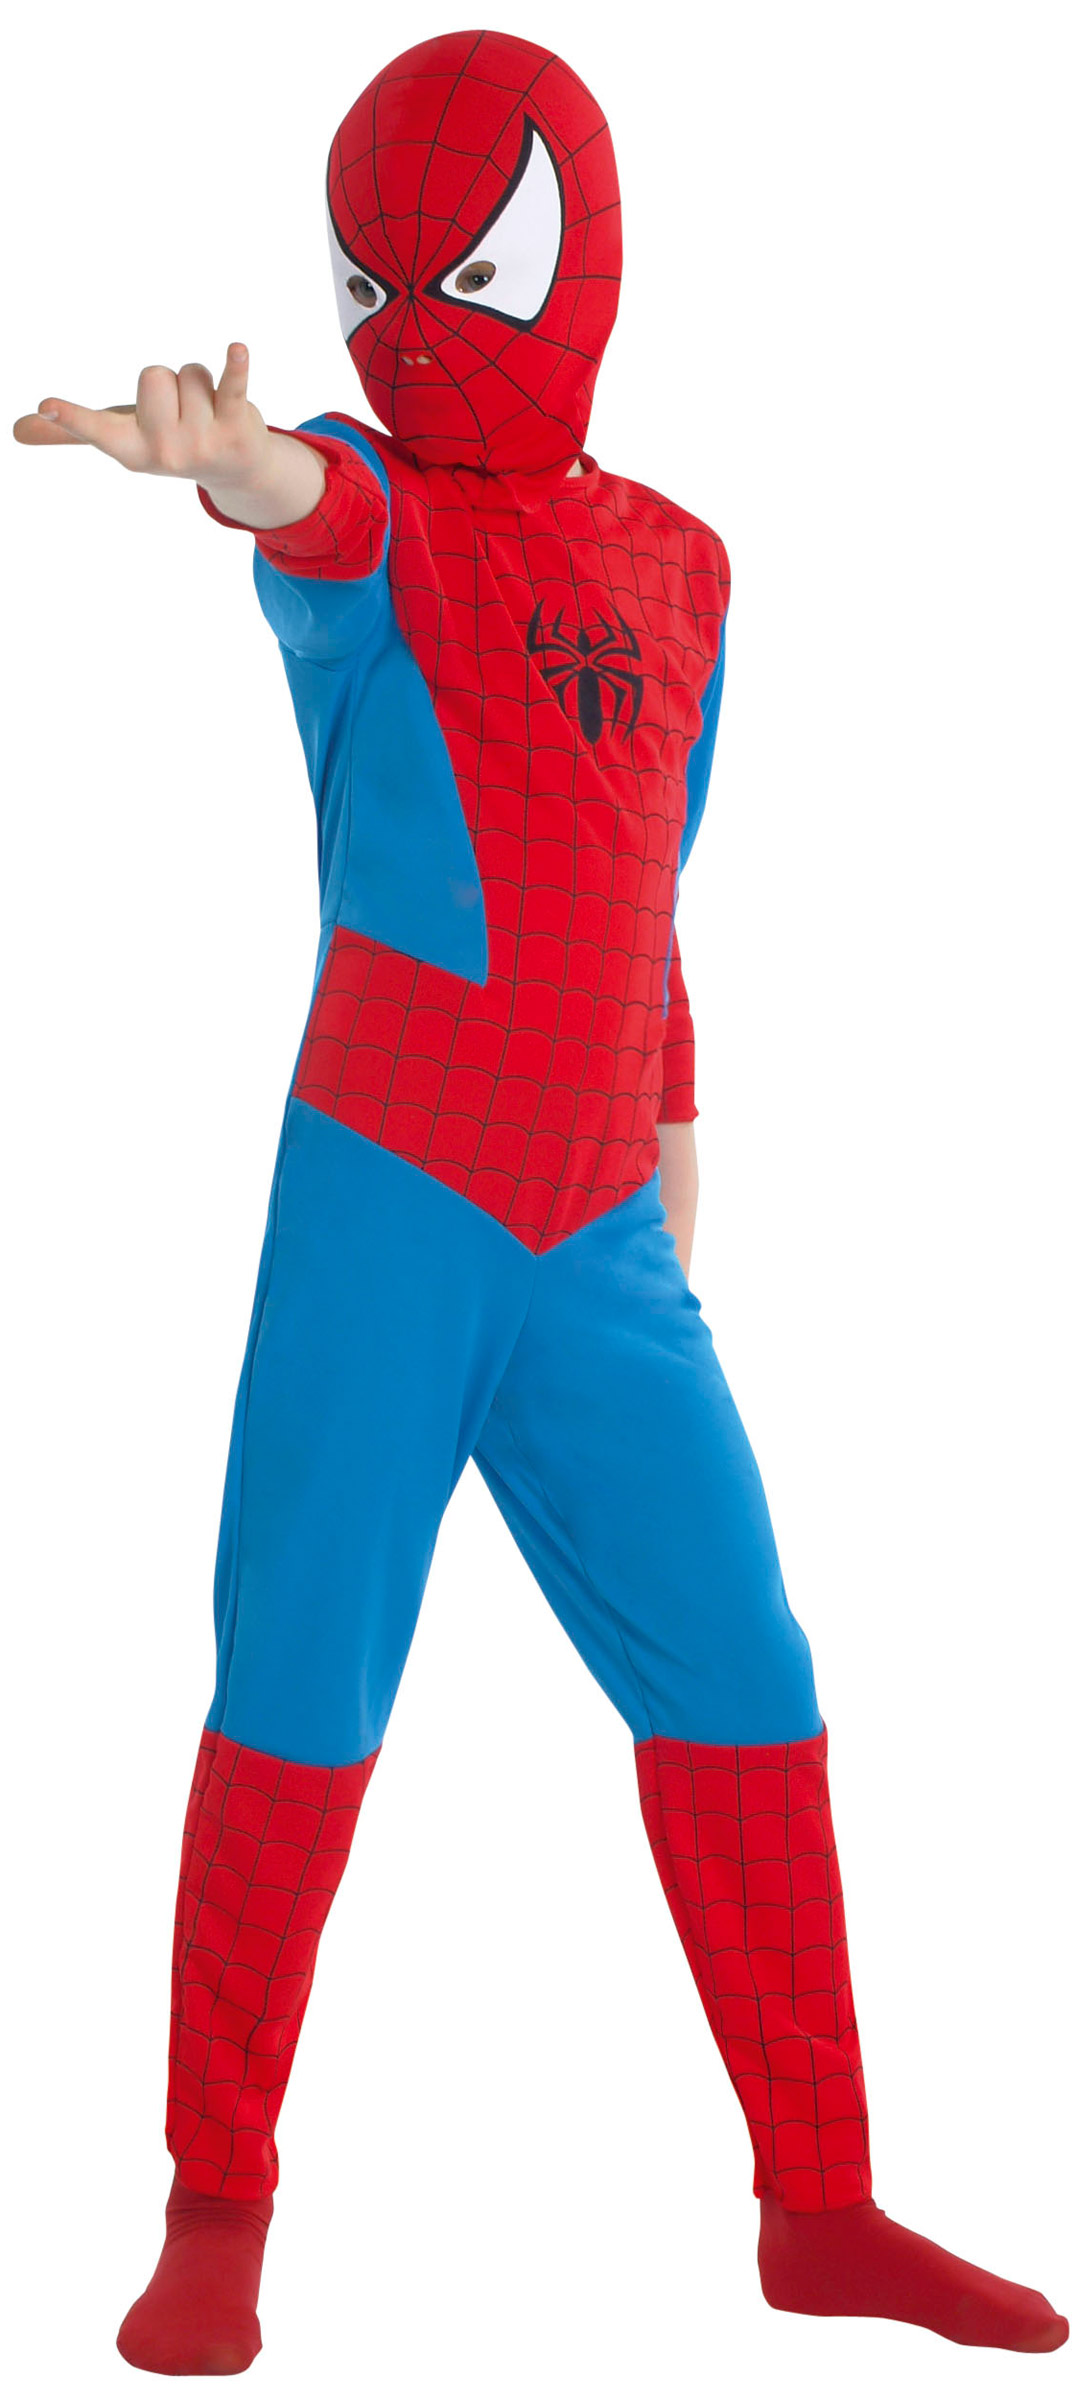 Déguisement spiderman enfant   Costume Peter Parker de spiderman 7acdbfd0e065